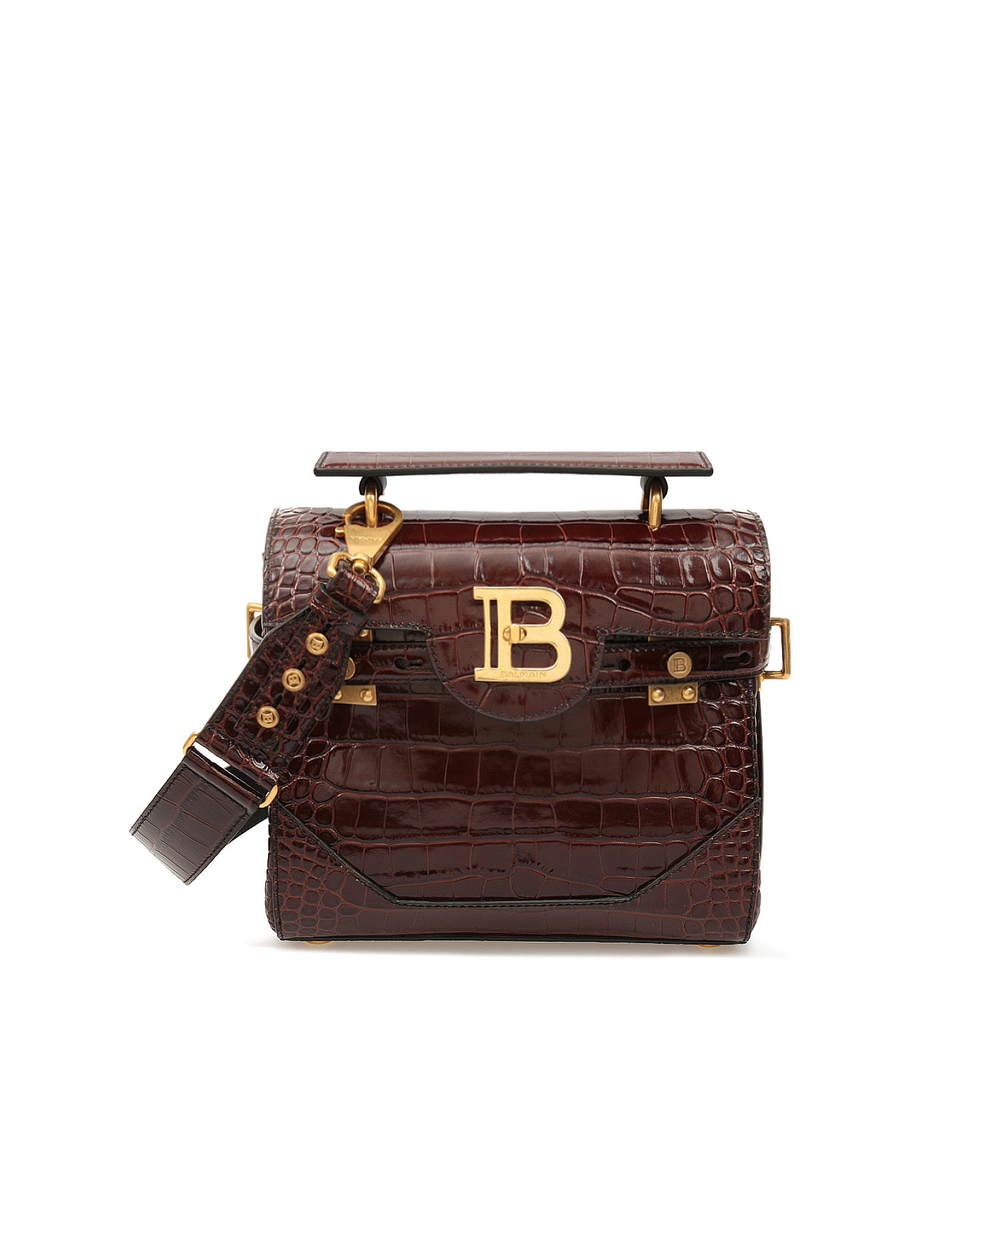 Кожаная сумка B-Buzz 23 Balmain UN0S526LVCW — Kameron